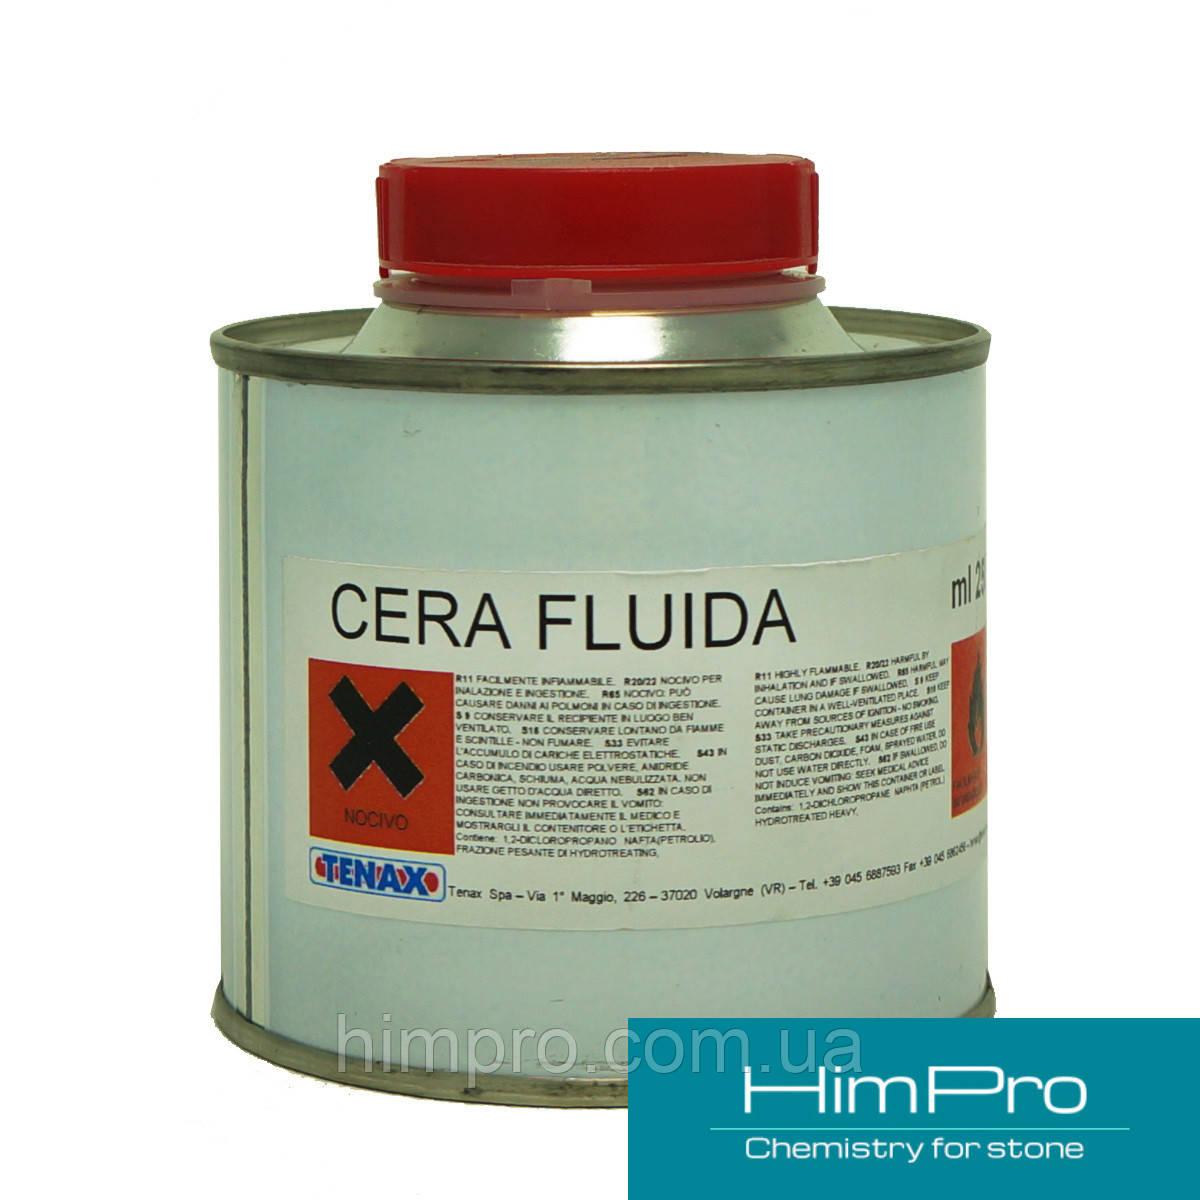 Cera Fluido 0.25L Tenax Жидкий бесцветный воск